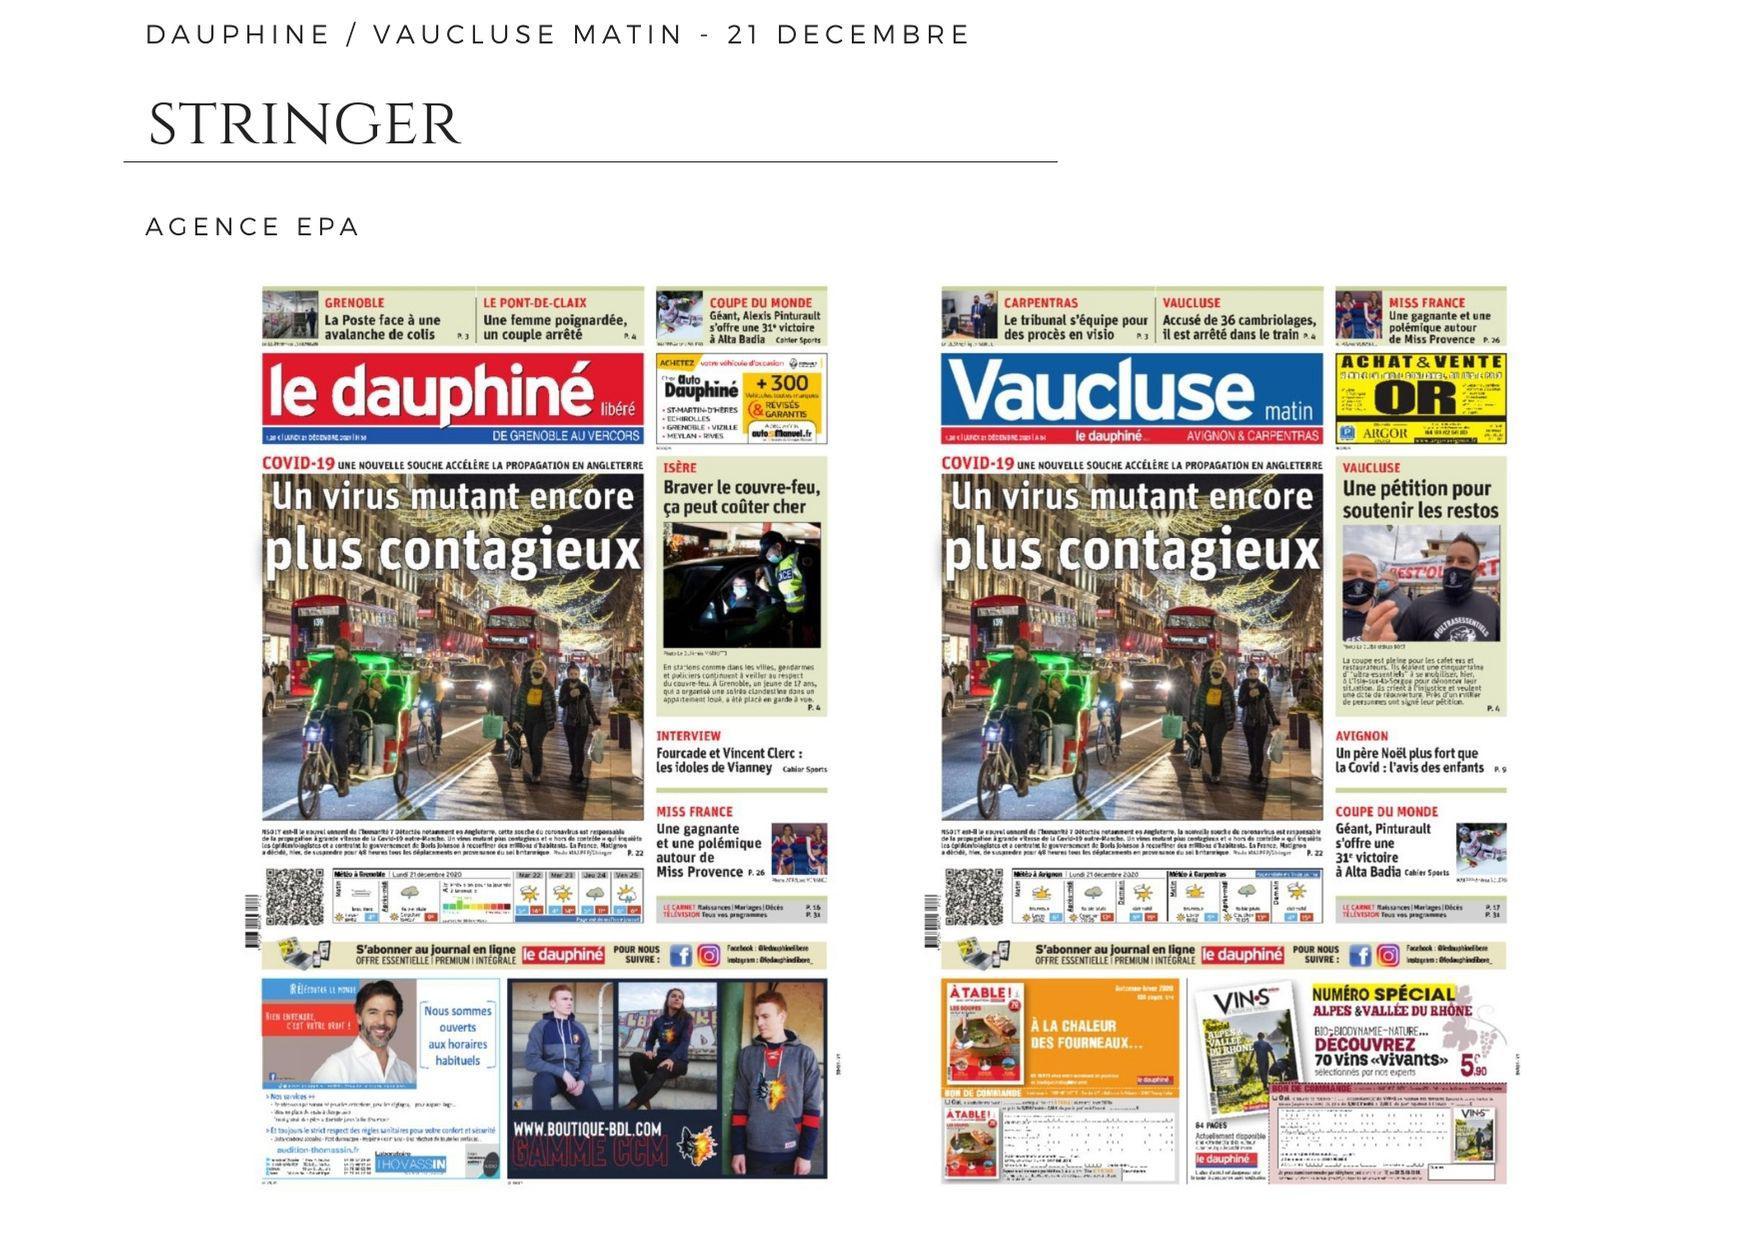 La Dauphiné Libéré / Vaucluse Matin - 21 décembre 2020